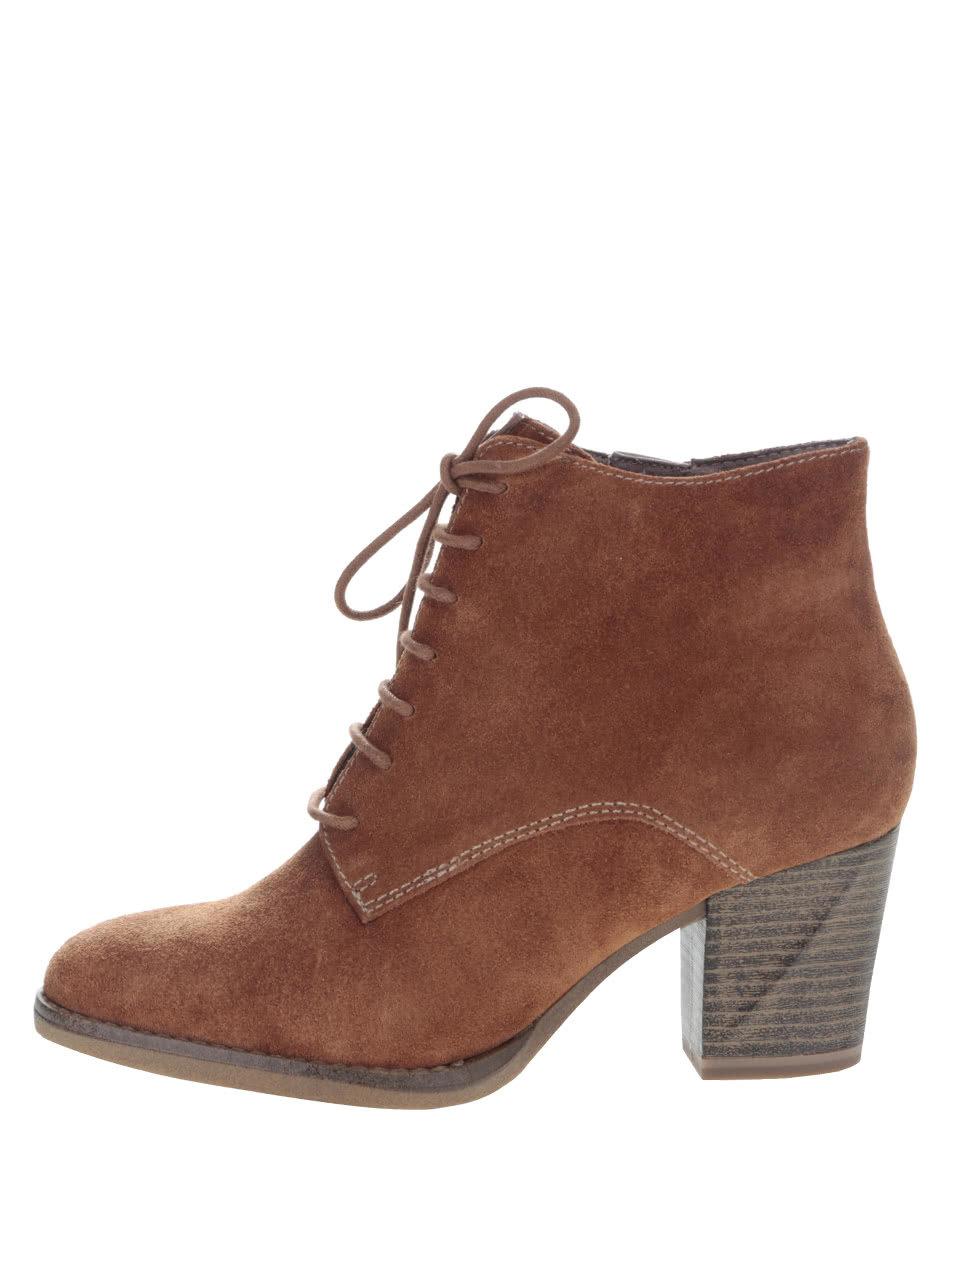 Hnedé semišové členkové topánky na podpätku Tamaris ... a6028b24e38